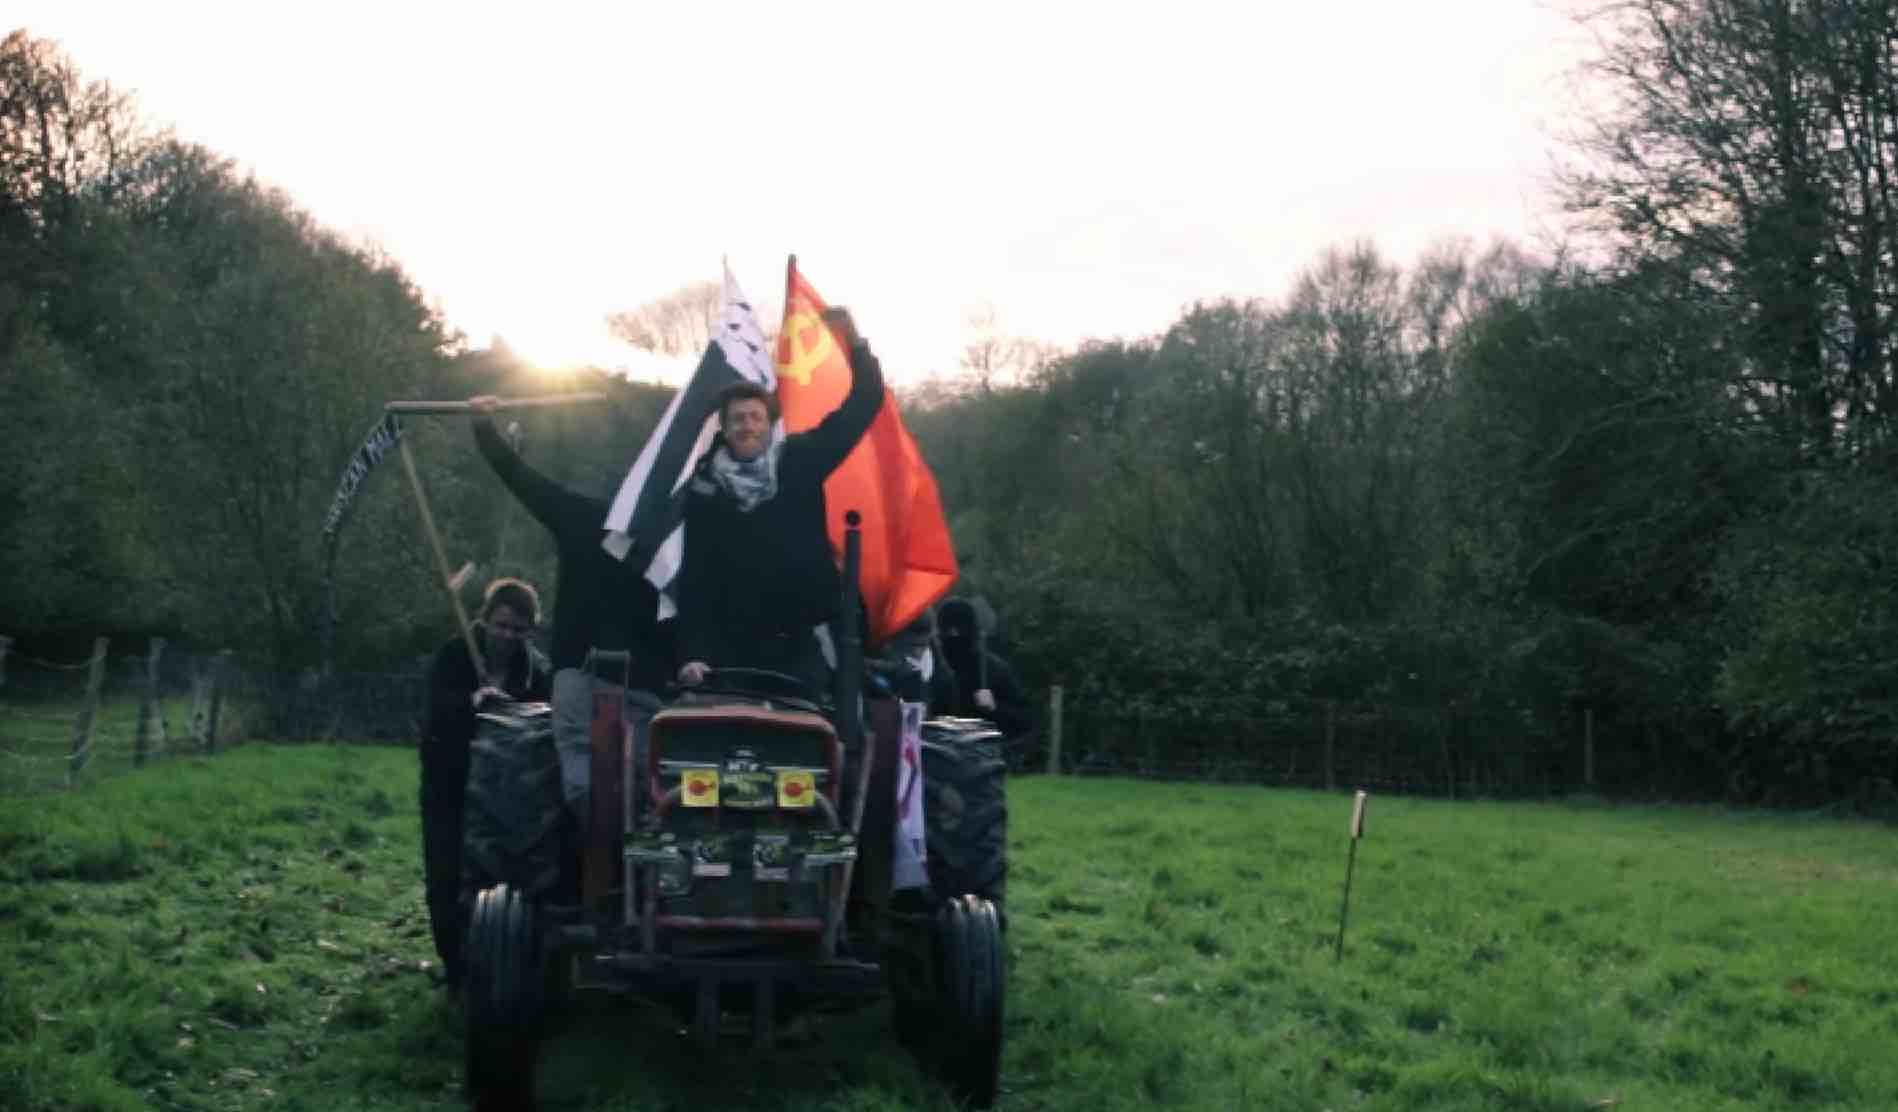 Bretagne en luttes fait l'apologie de l'Union soviétique  [vidéo]